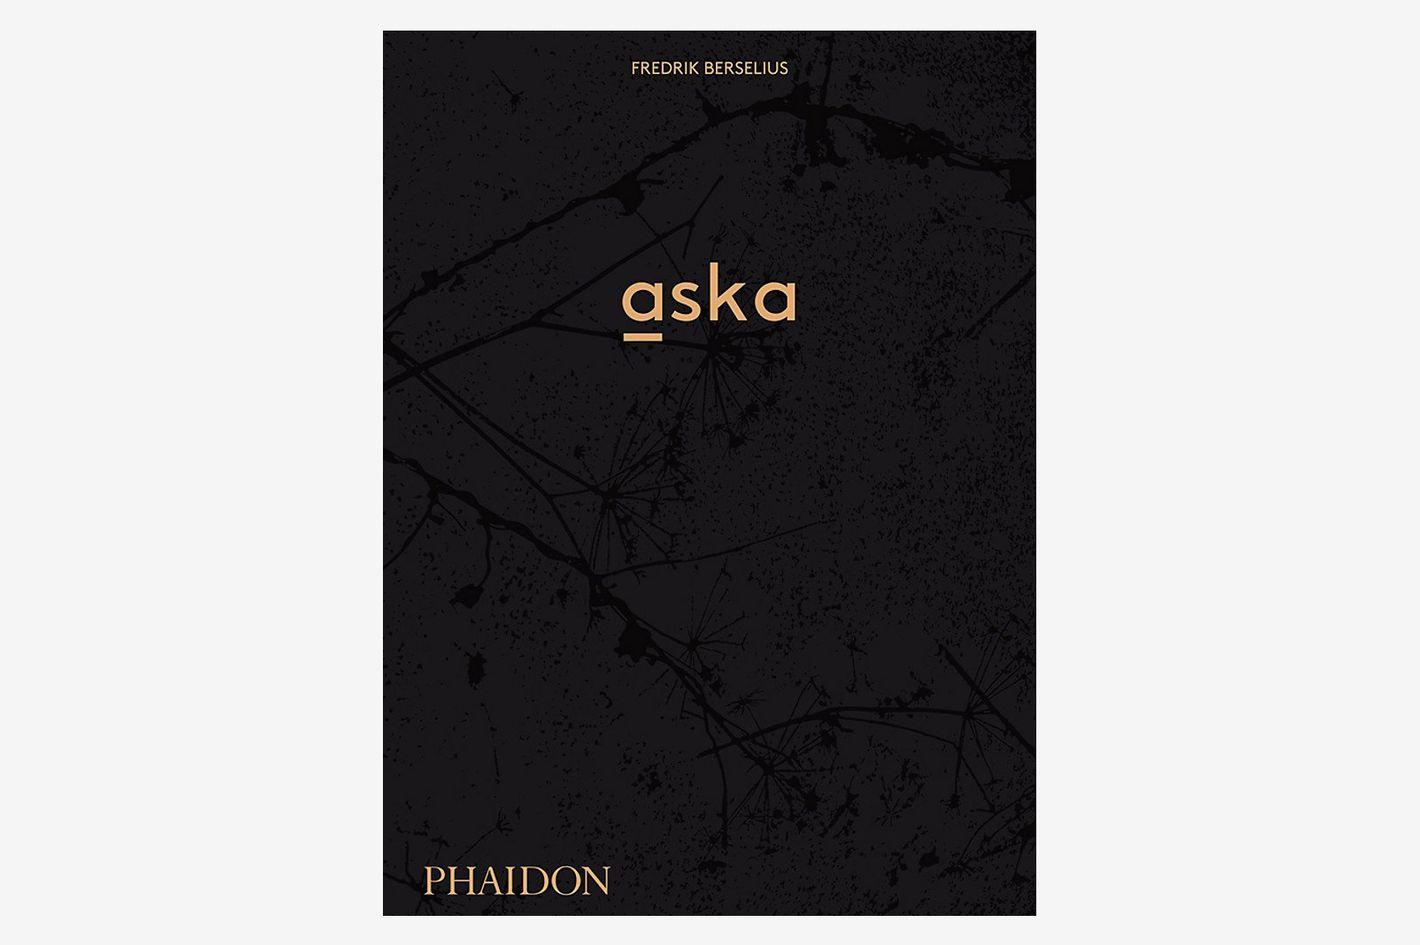 Aska By Fredrik Berselius